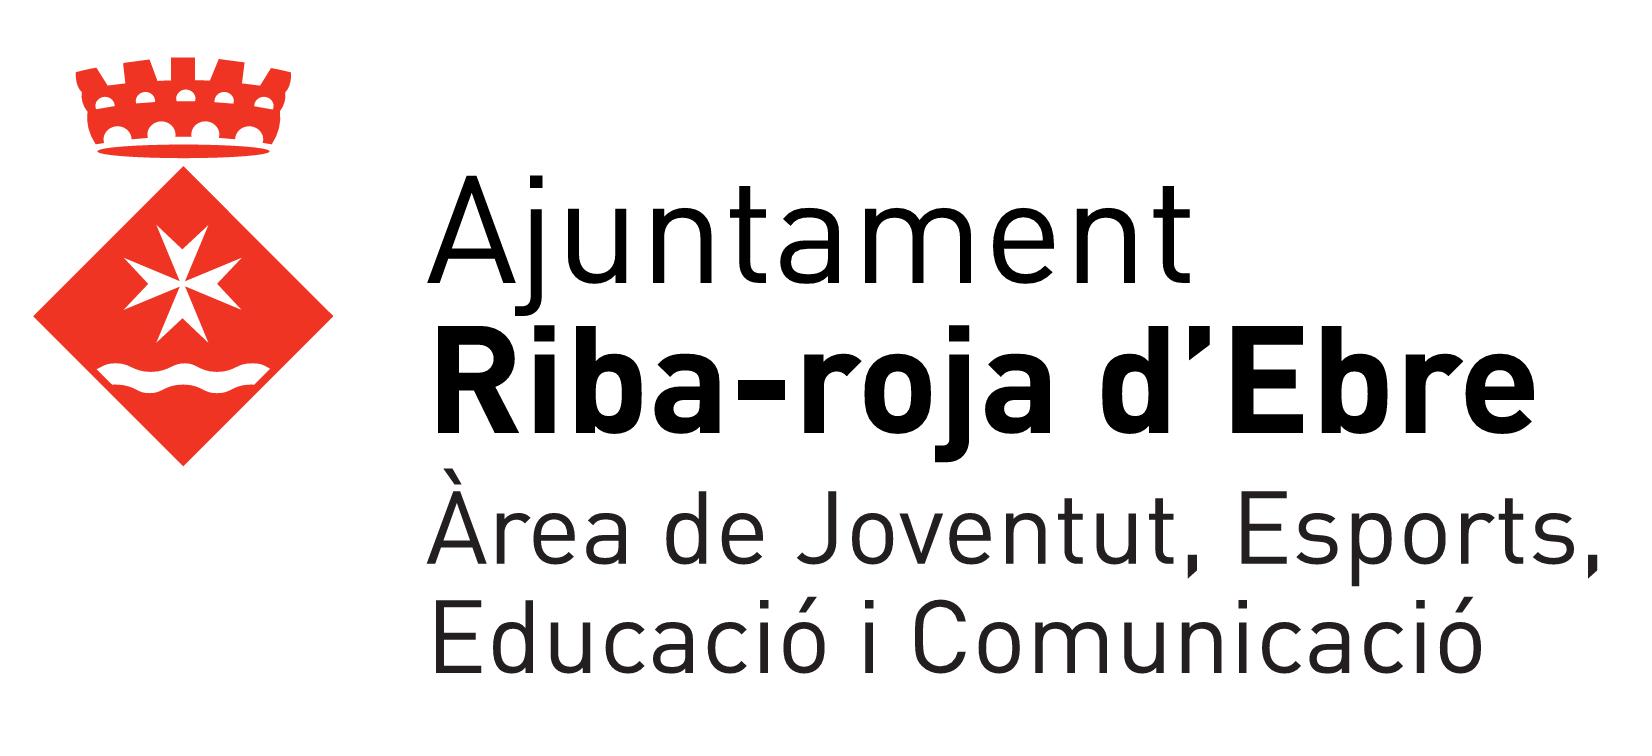 Ajuntament of Riba-roja d'Ebre logo